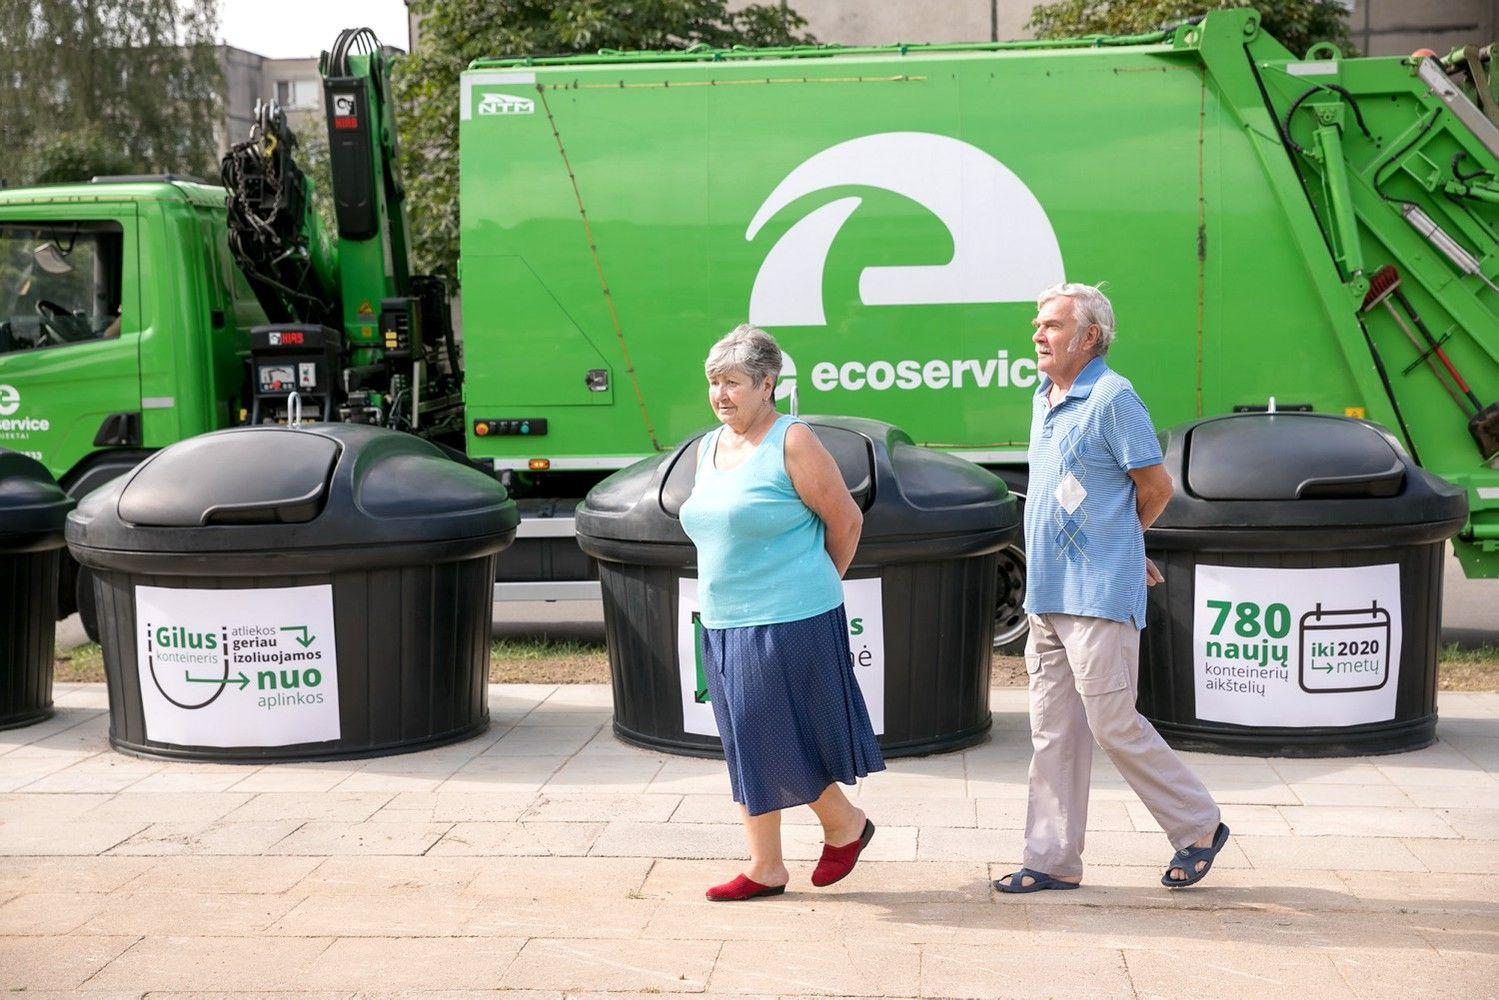 Vilniuje įrengti nauji požeminiai atliekų konteineriai